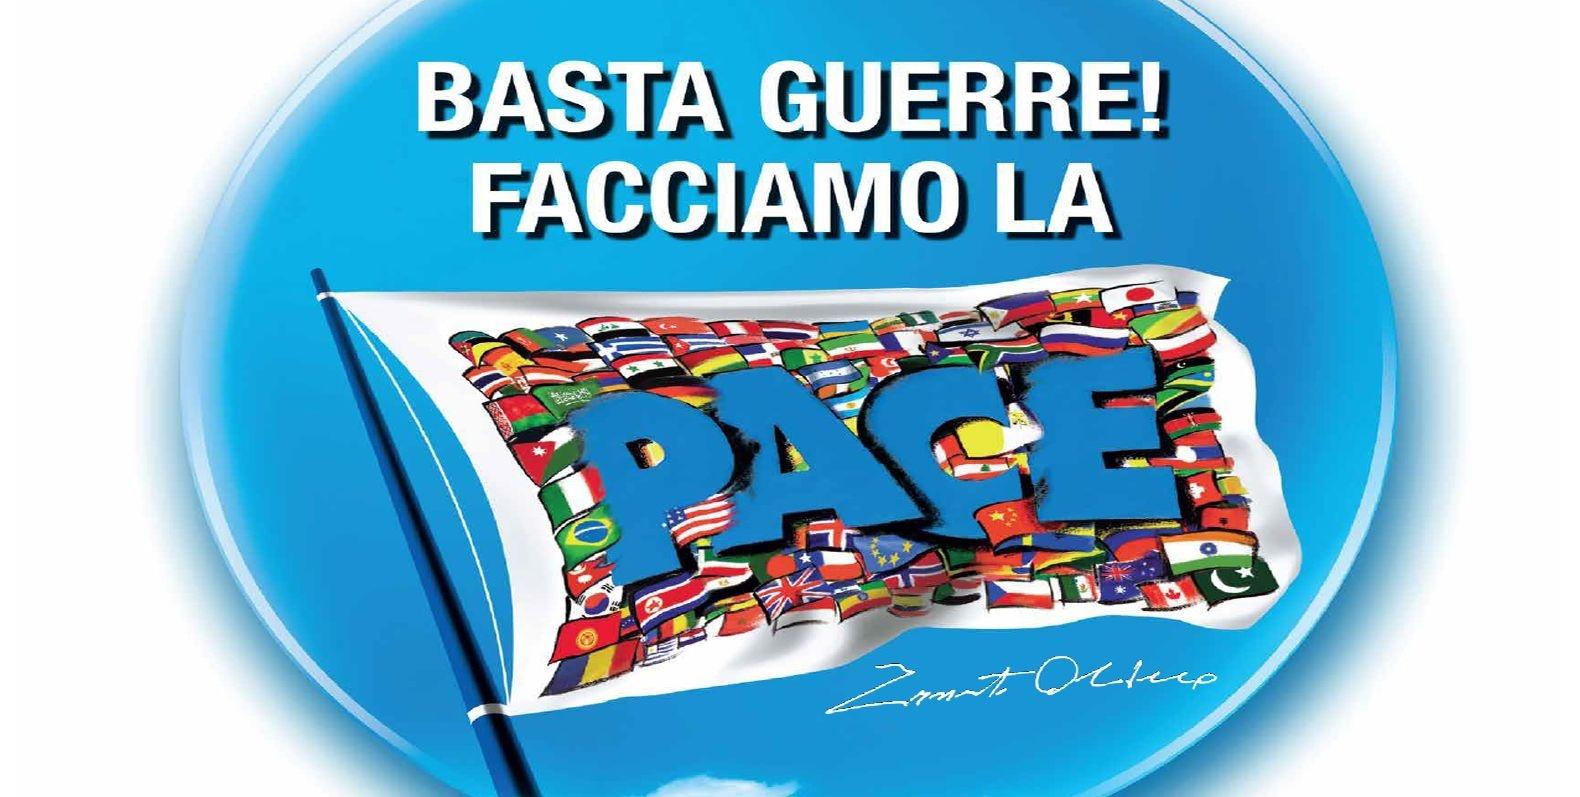 6° Appuntamento internazionale dei giovani della pace!